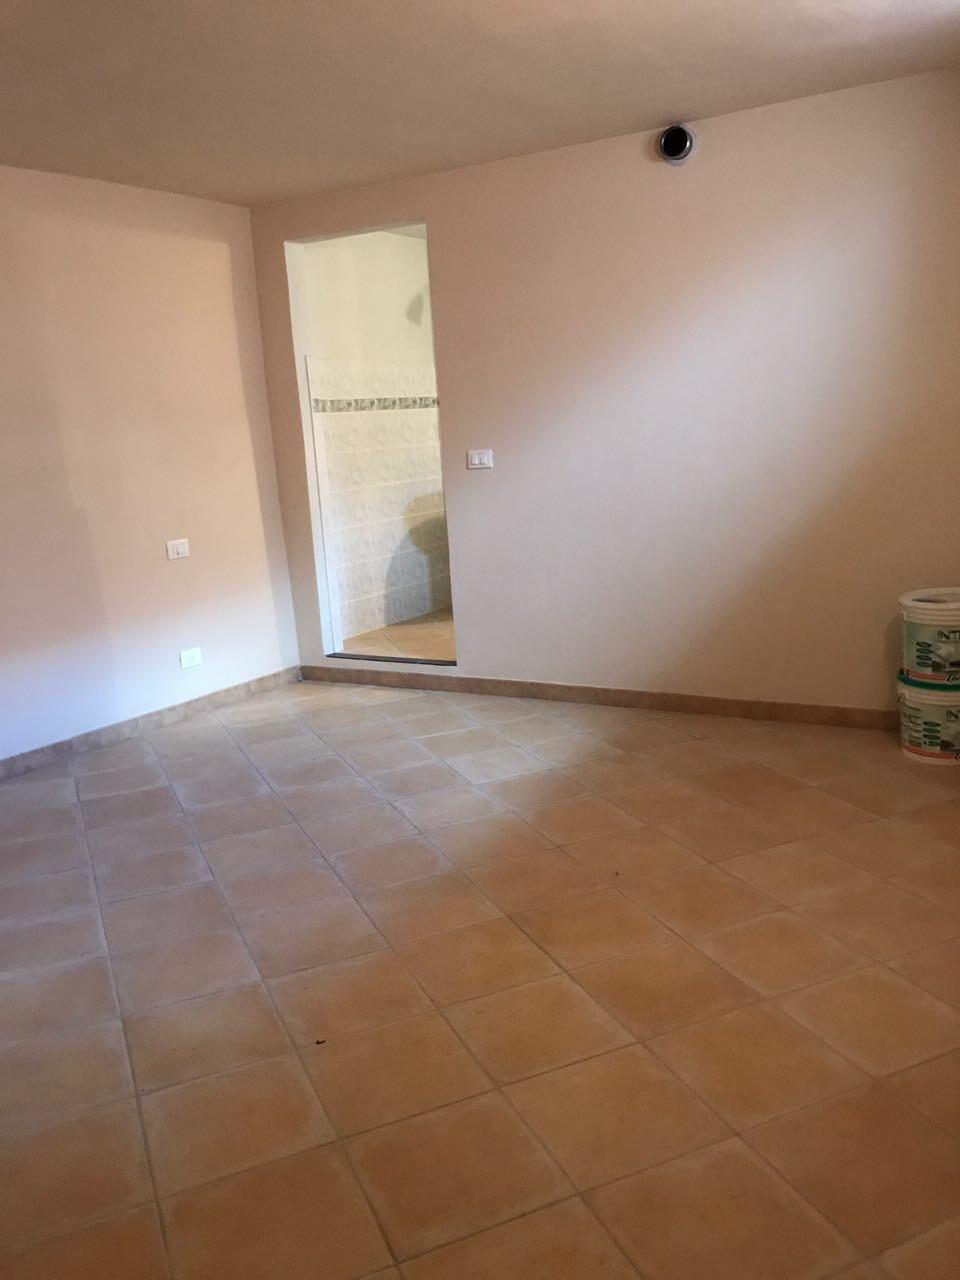 Appartamento in vendita a Chiusavecchia, 2 locali, prezzo € 49.000 | CambioCasa.it